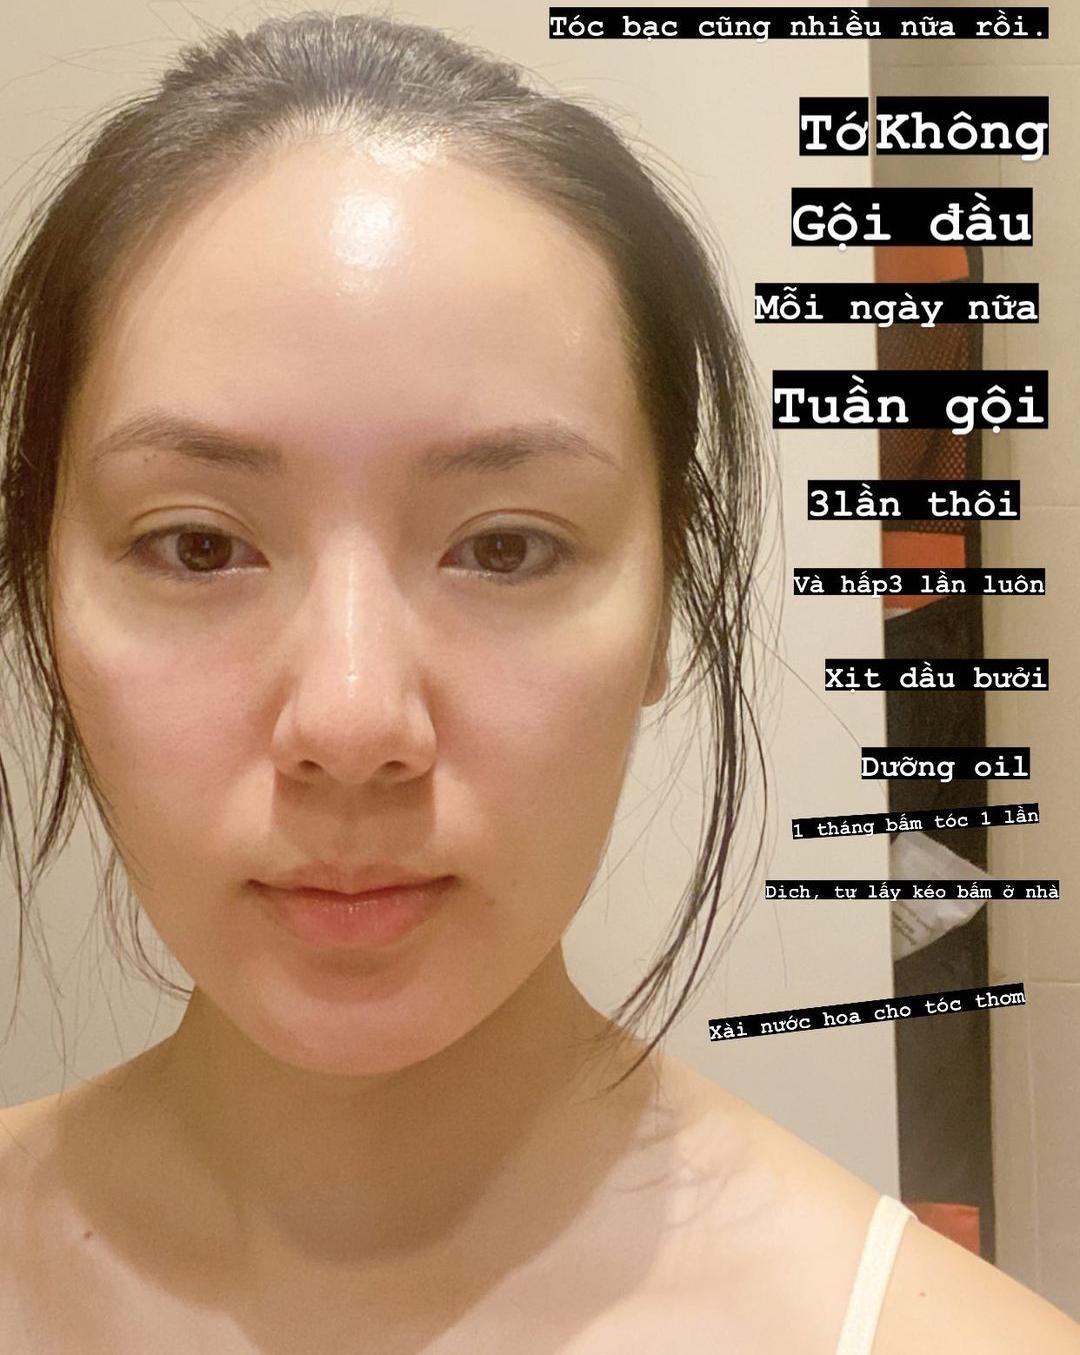 Phương Linh khoe mái tóc đã mọc dài hơn nhờ chăm sóc kỹ lưỡng.